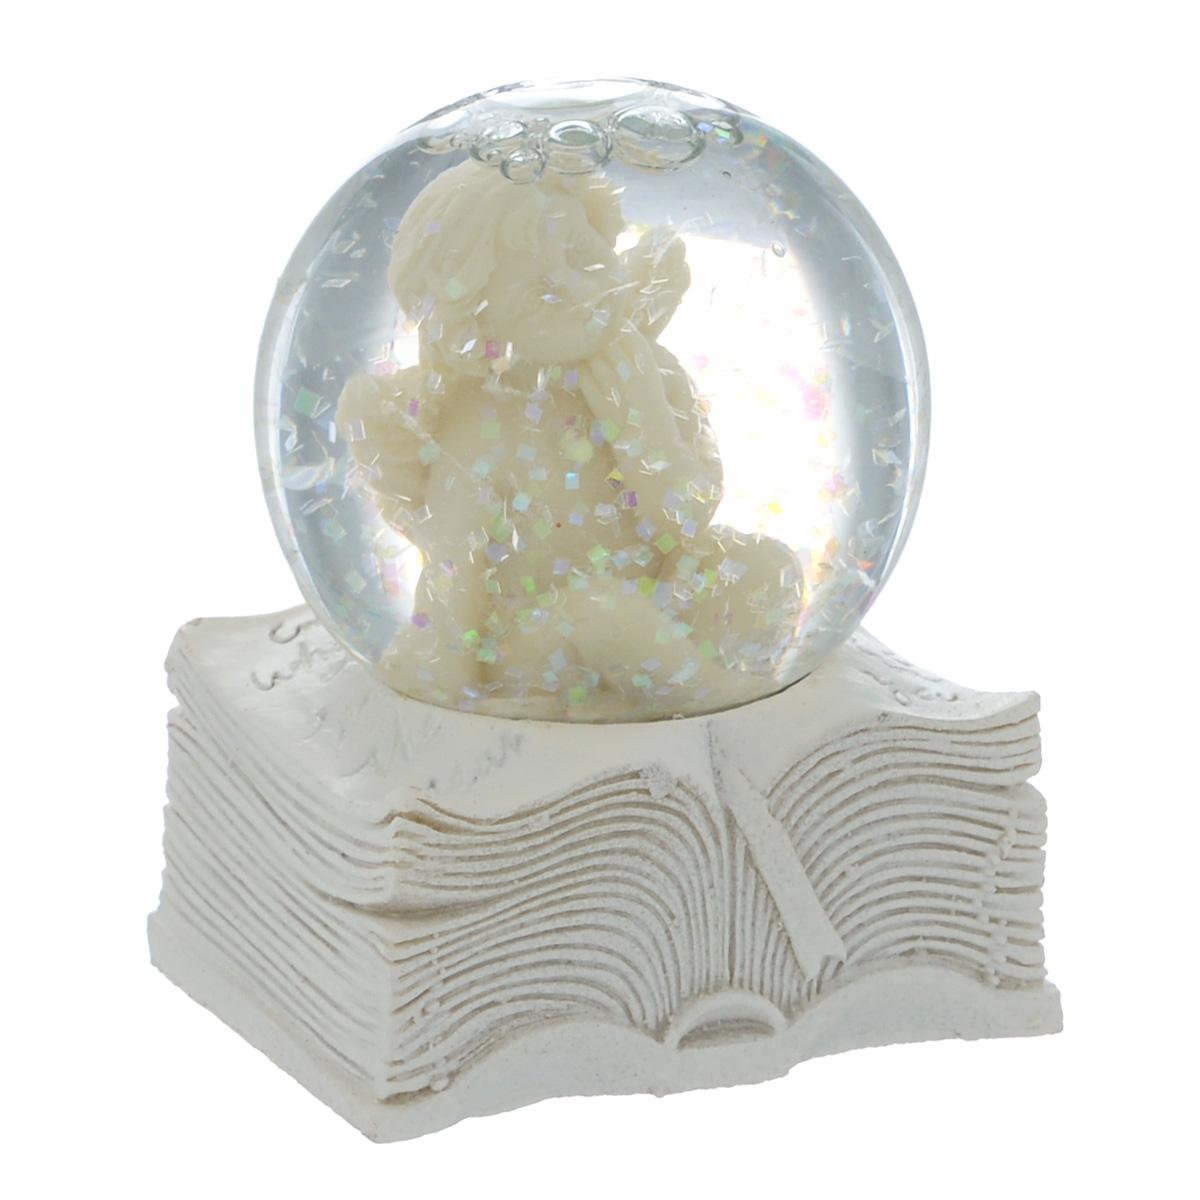 Водяной шар Ангел и книга, высота 6,5 см36682Водяной шар Ангел и книга представляет собой стеклянный шар с фигуркой ангела внутри. Шар наполнен нетоксичной прозрачной жидкостью с блестками и установлен на подставке в виде книги, выполненной из полирезины. Водяной шар - классический вариант сувенира, который придется по душе каждому.